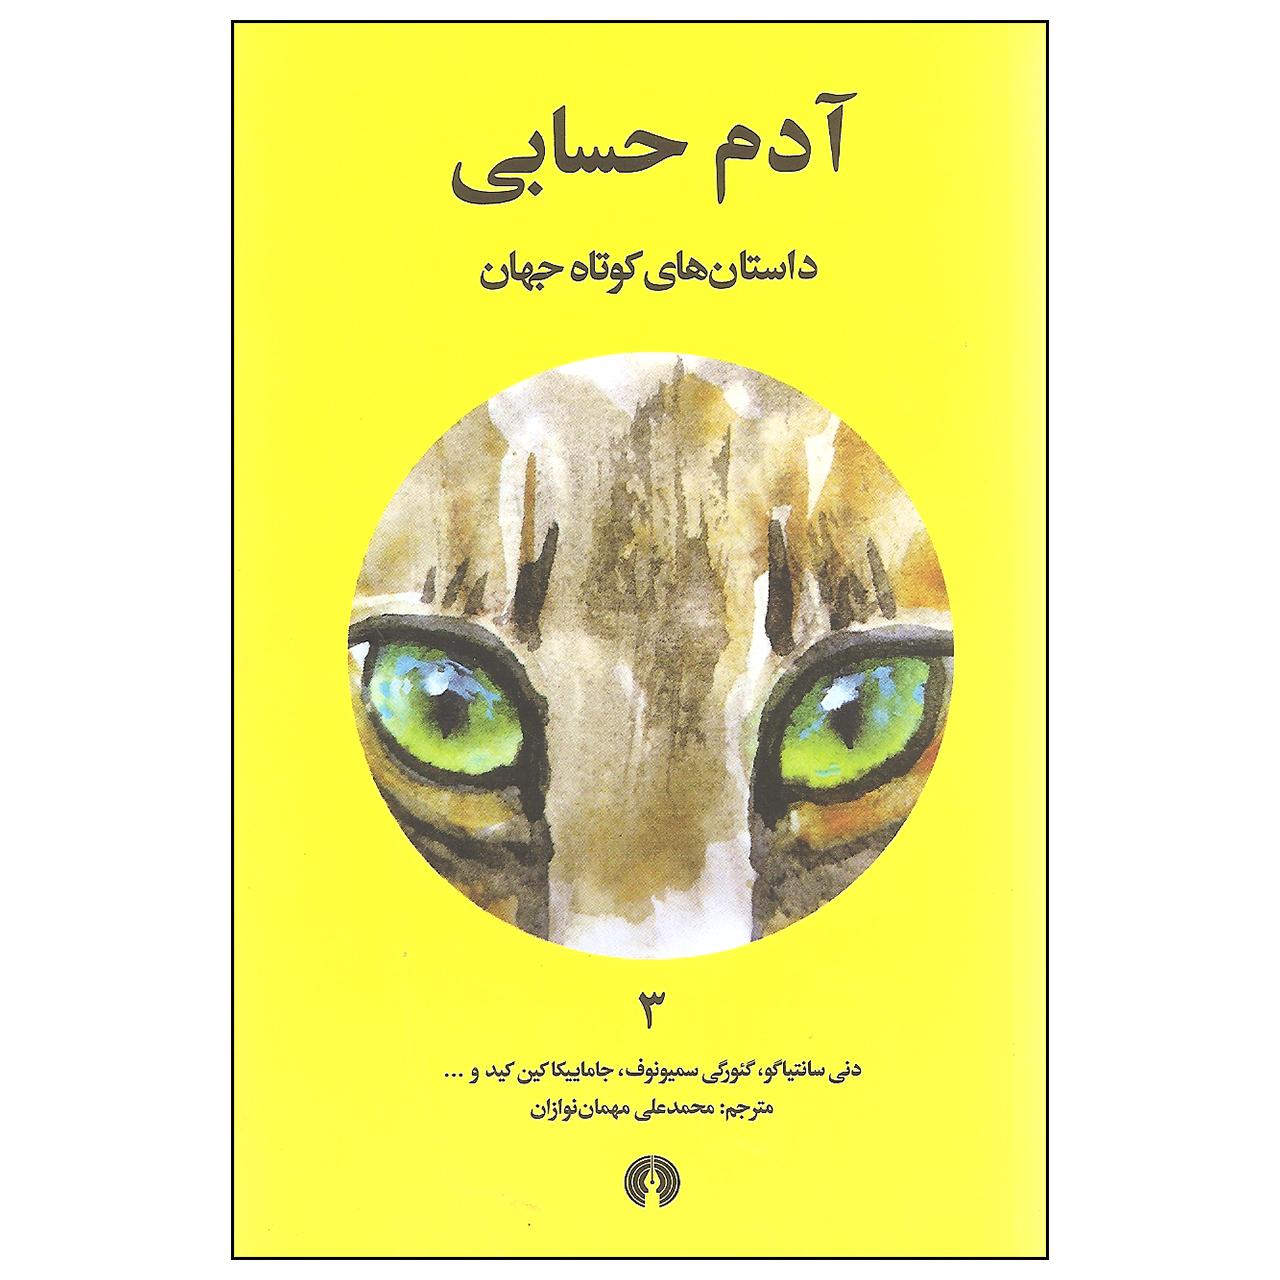 خرید                      کتاب آدم حسابی اثر جمعی از نویسندگان انتشارات علمی و فرهنگی